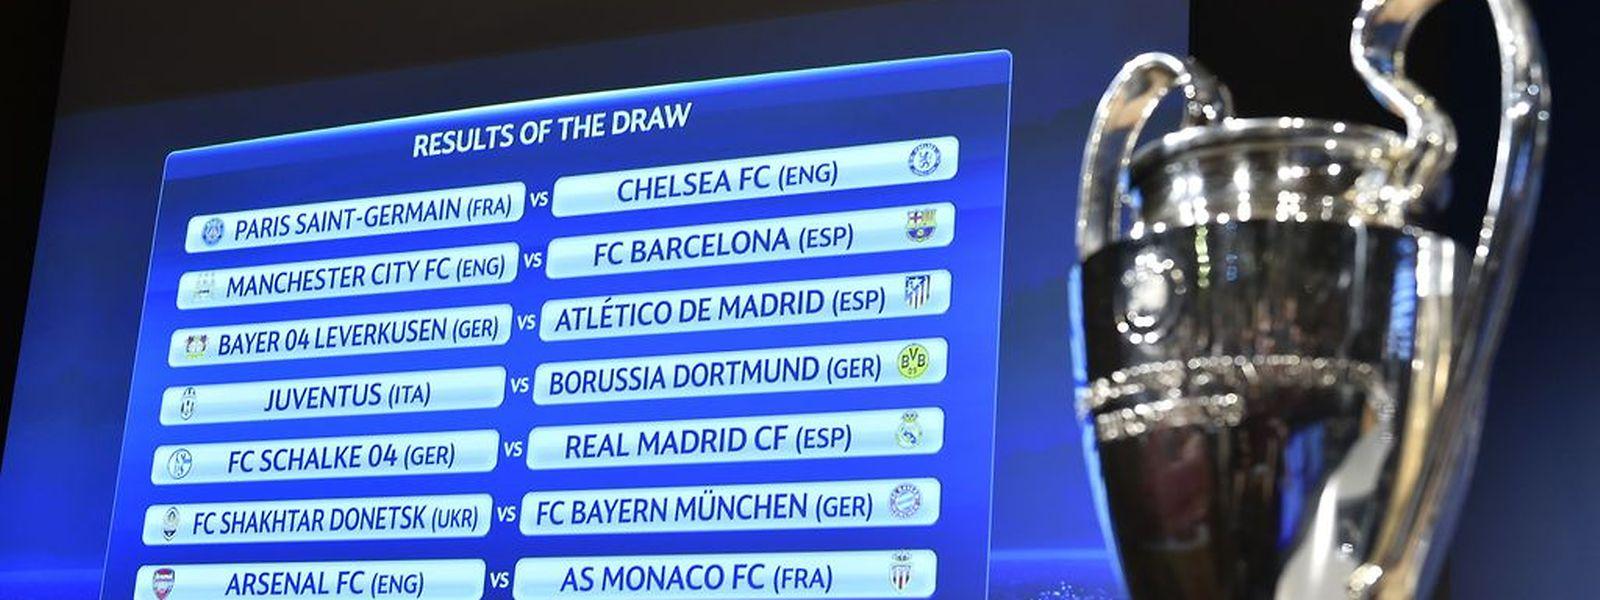 Le tableau de bord propose notamment un très indécis Juventus - Dortmund